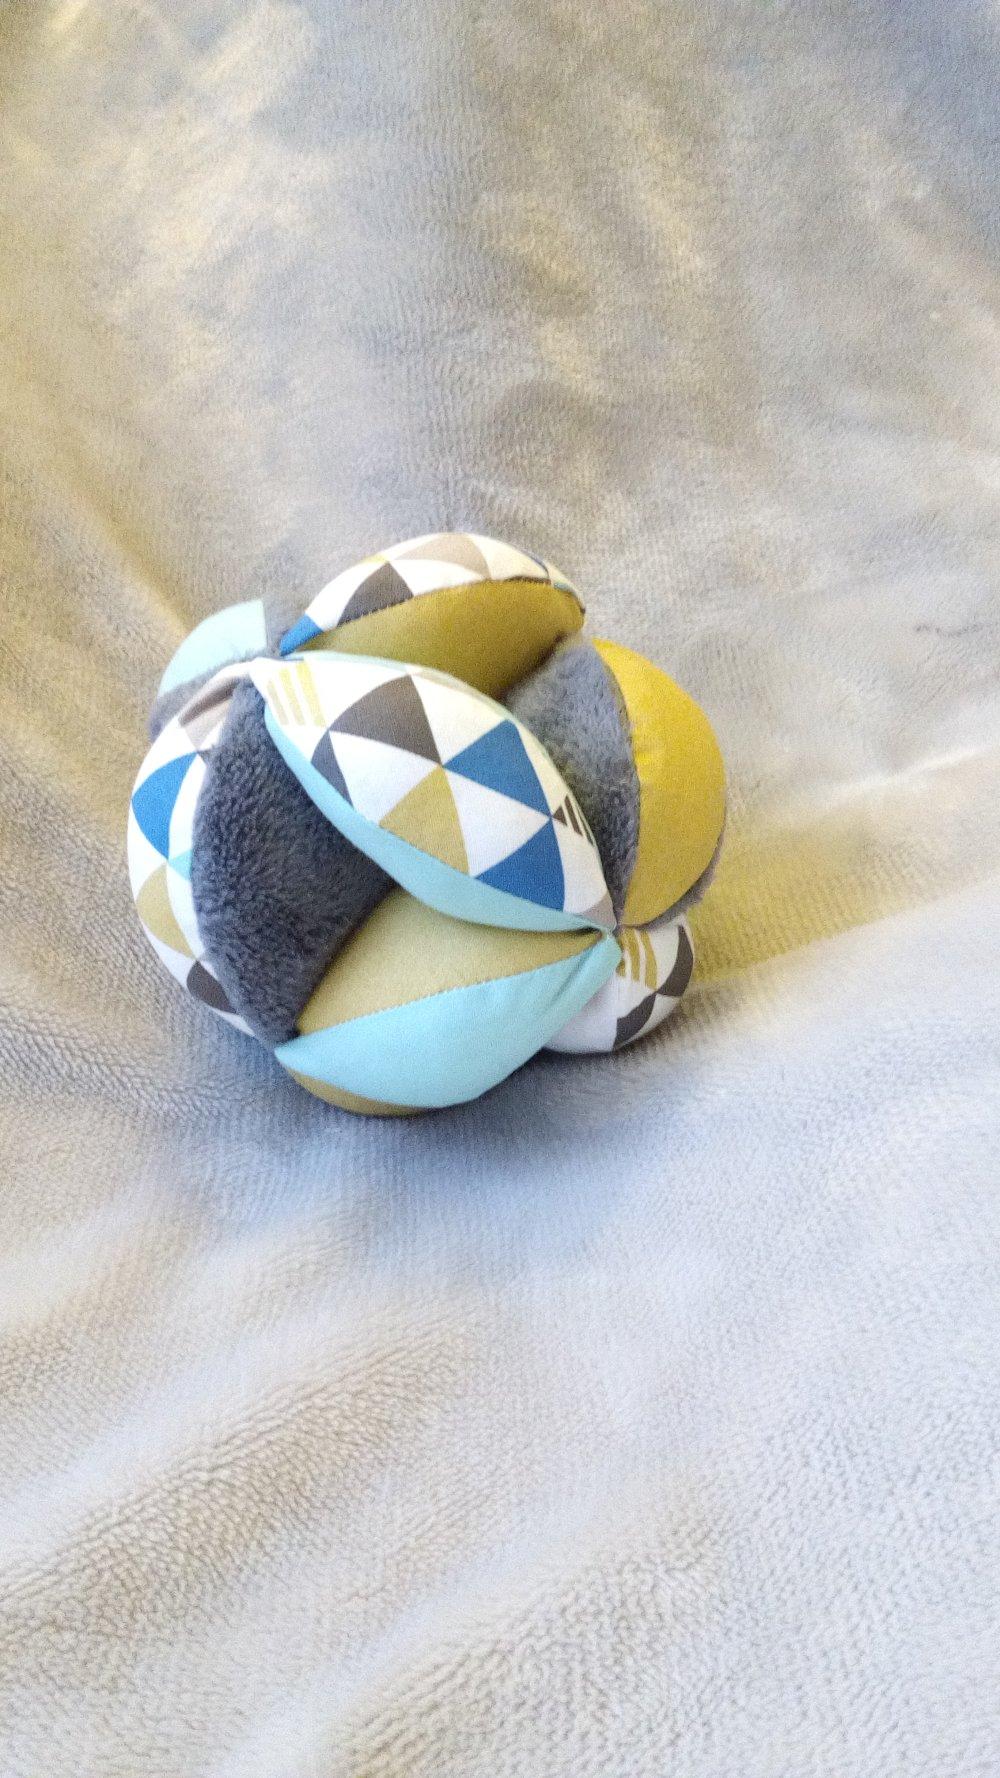 Balle de préhension bimatiere triangles gris ocre et aqua